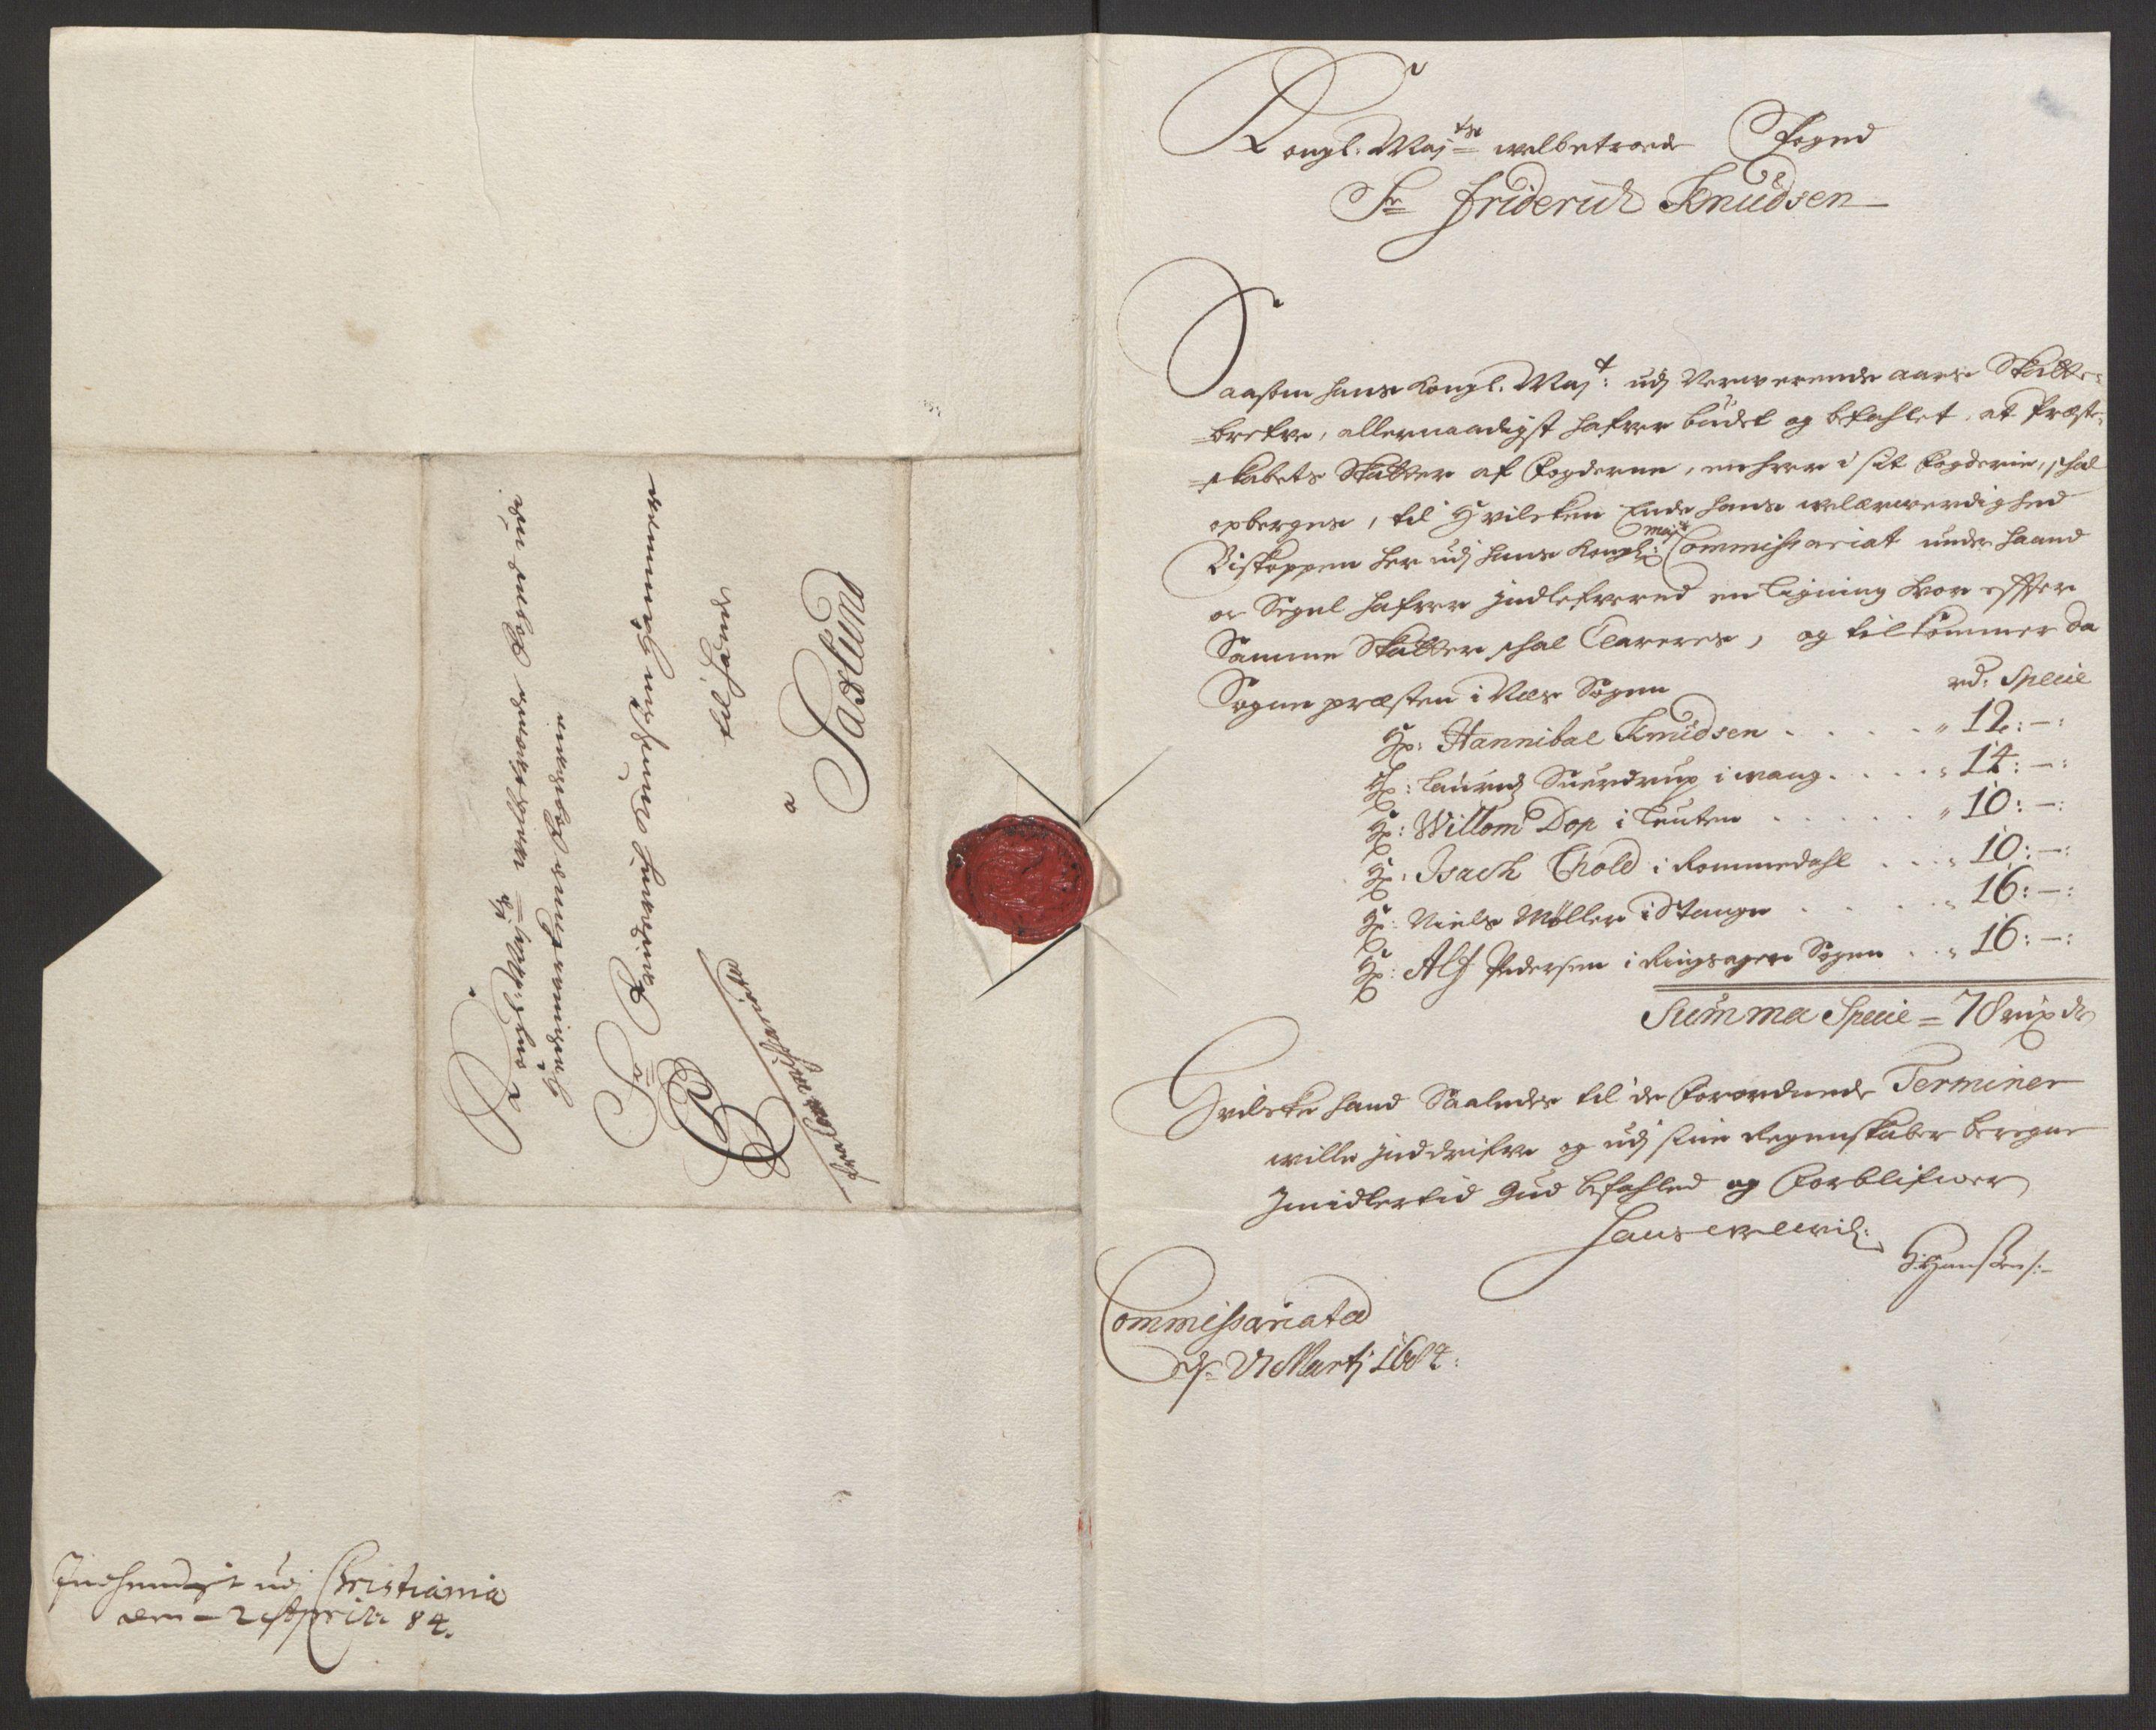 RA, Rentekammeret inntil 1814, Reviderte regnskaper, Fogderegnskap, R16/L1034: Fogderegnskap Hedmark, 1693, s. 96